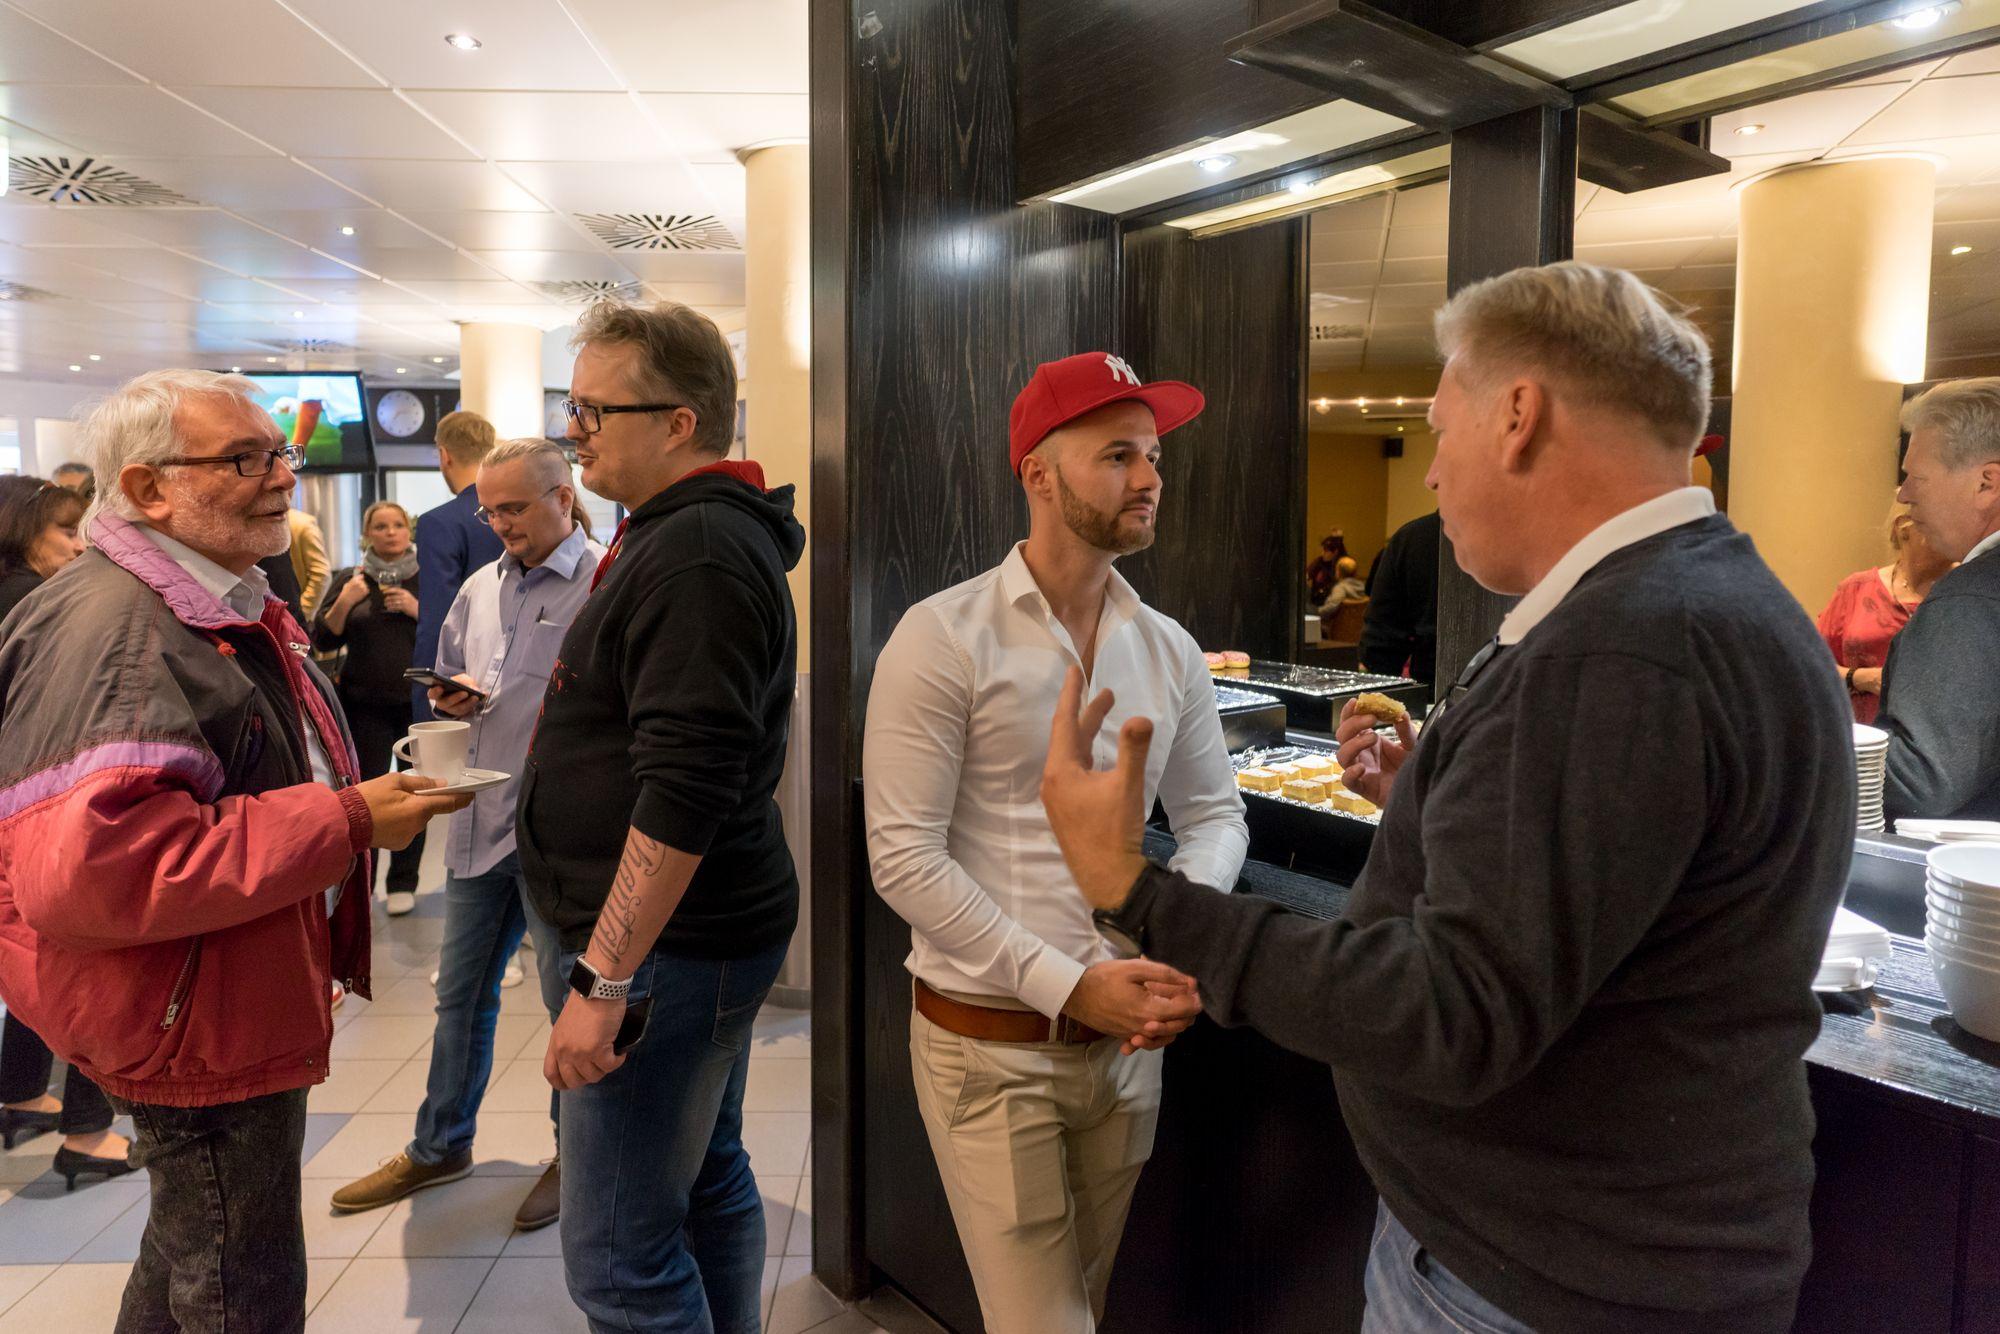 Dirk Schumacher, Daniel Hauber und weitere Teilnehmer in einer Pause auf dem Builderall Everest 2018 in Nürnberg (Germany)